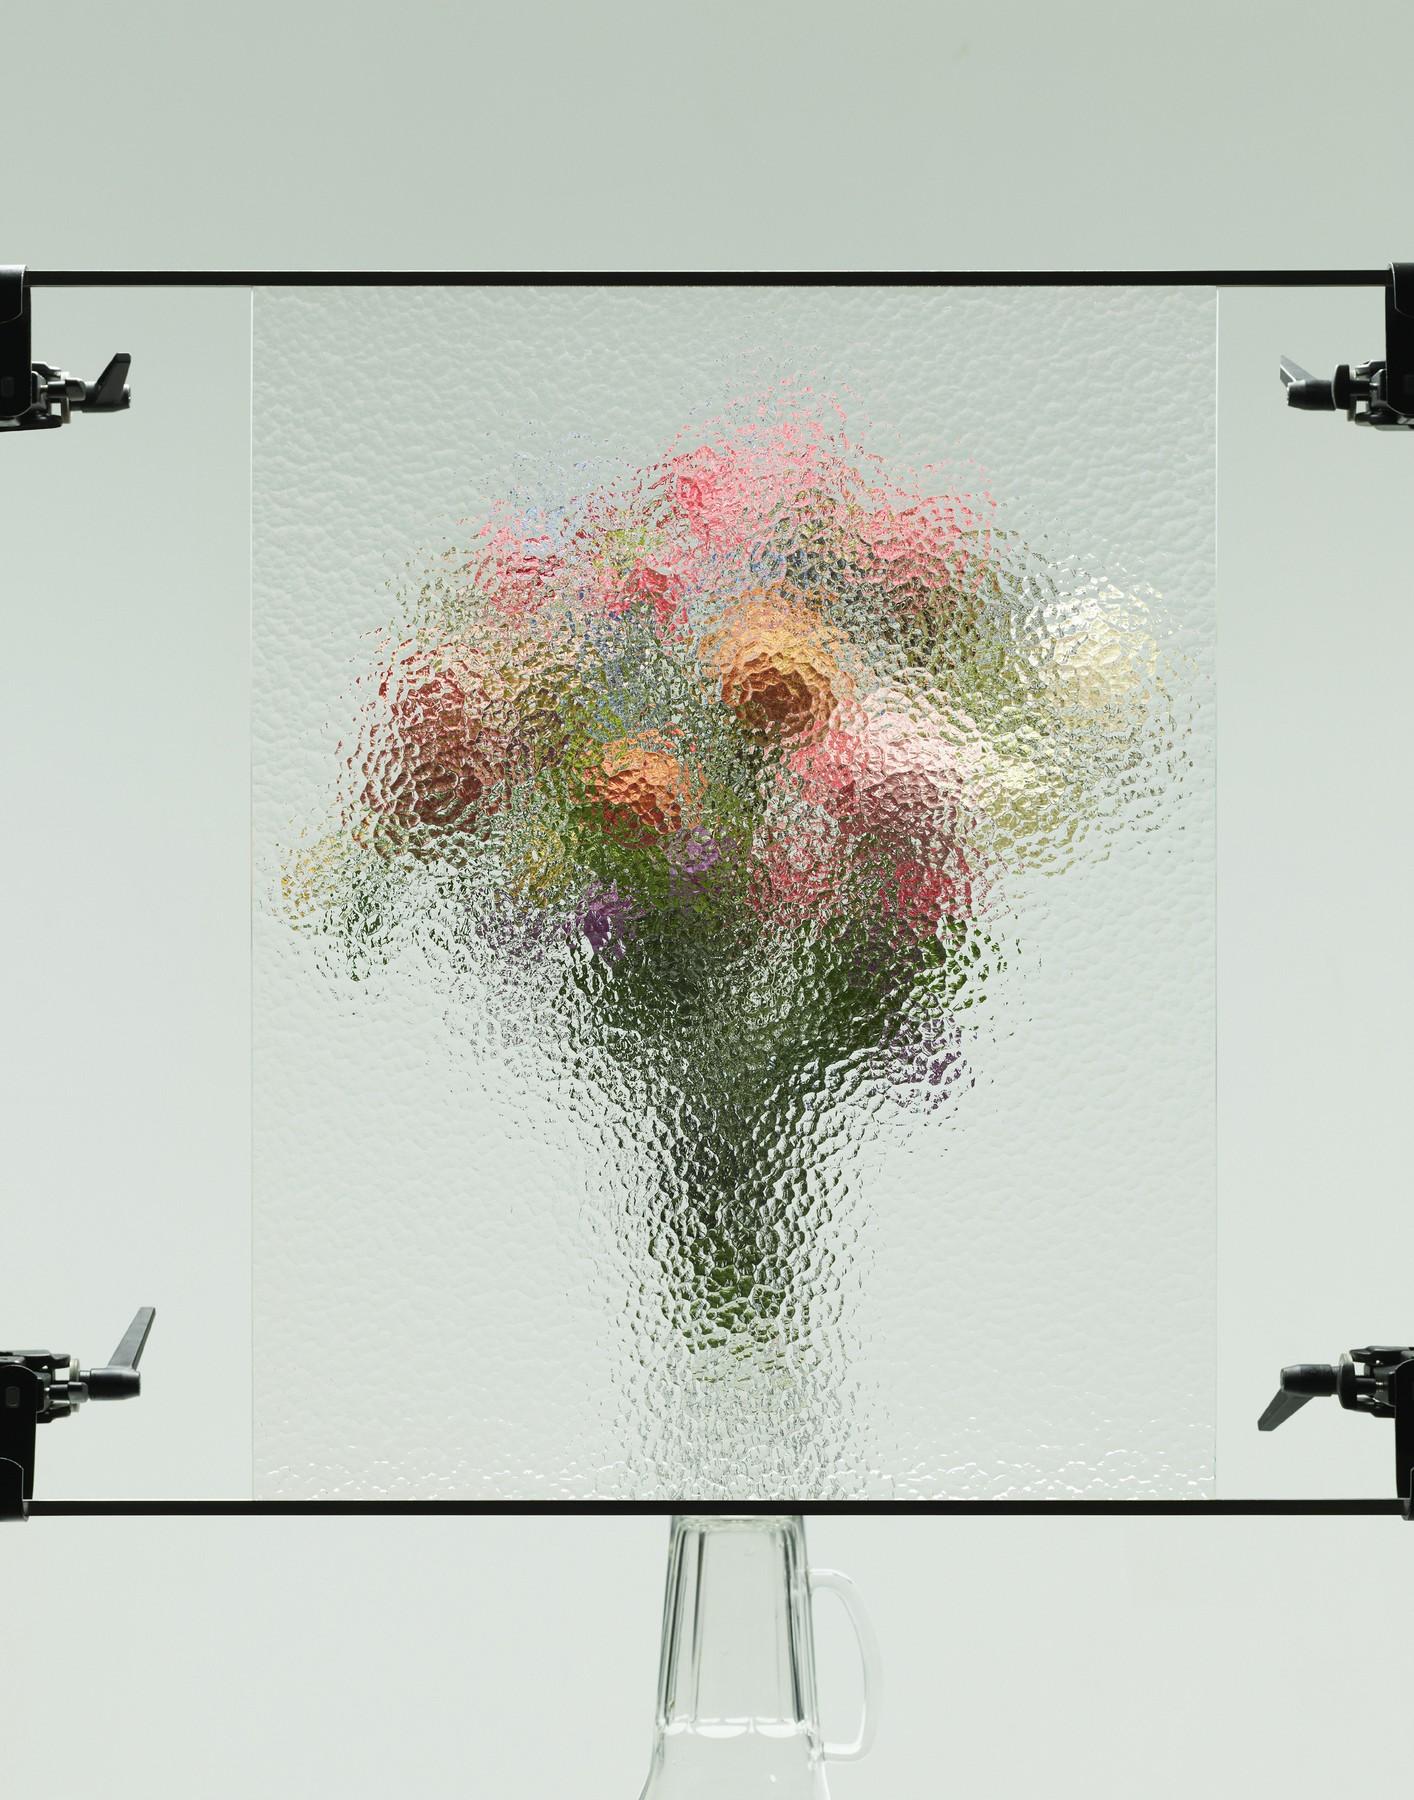 ls_volkskrant_bloemen1.jpg